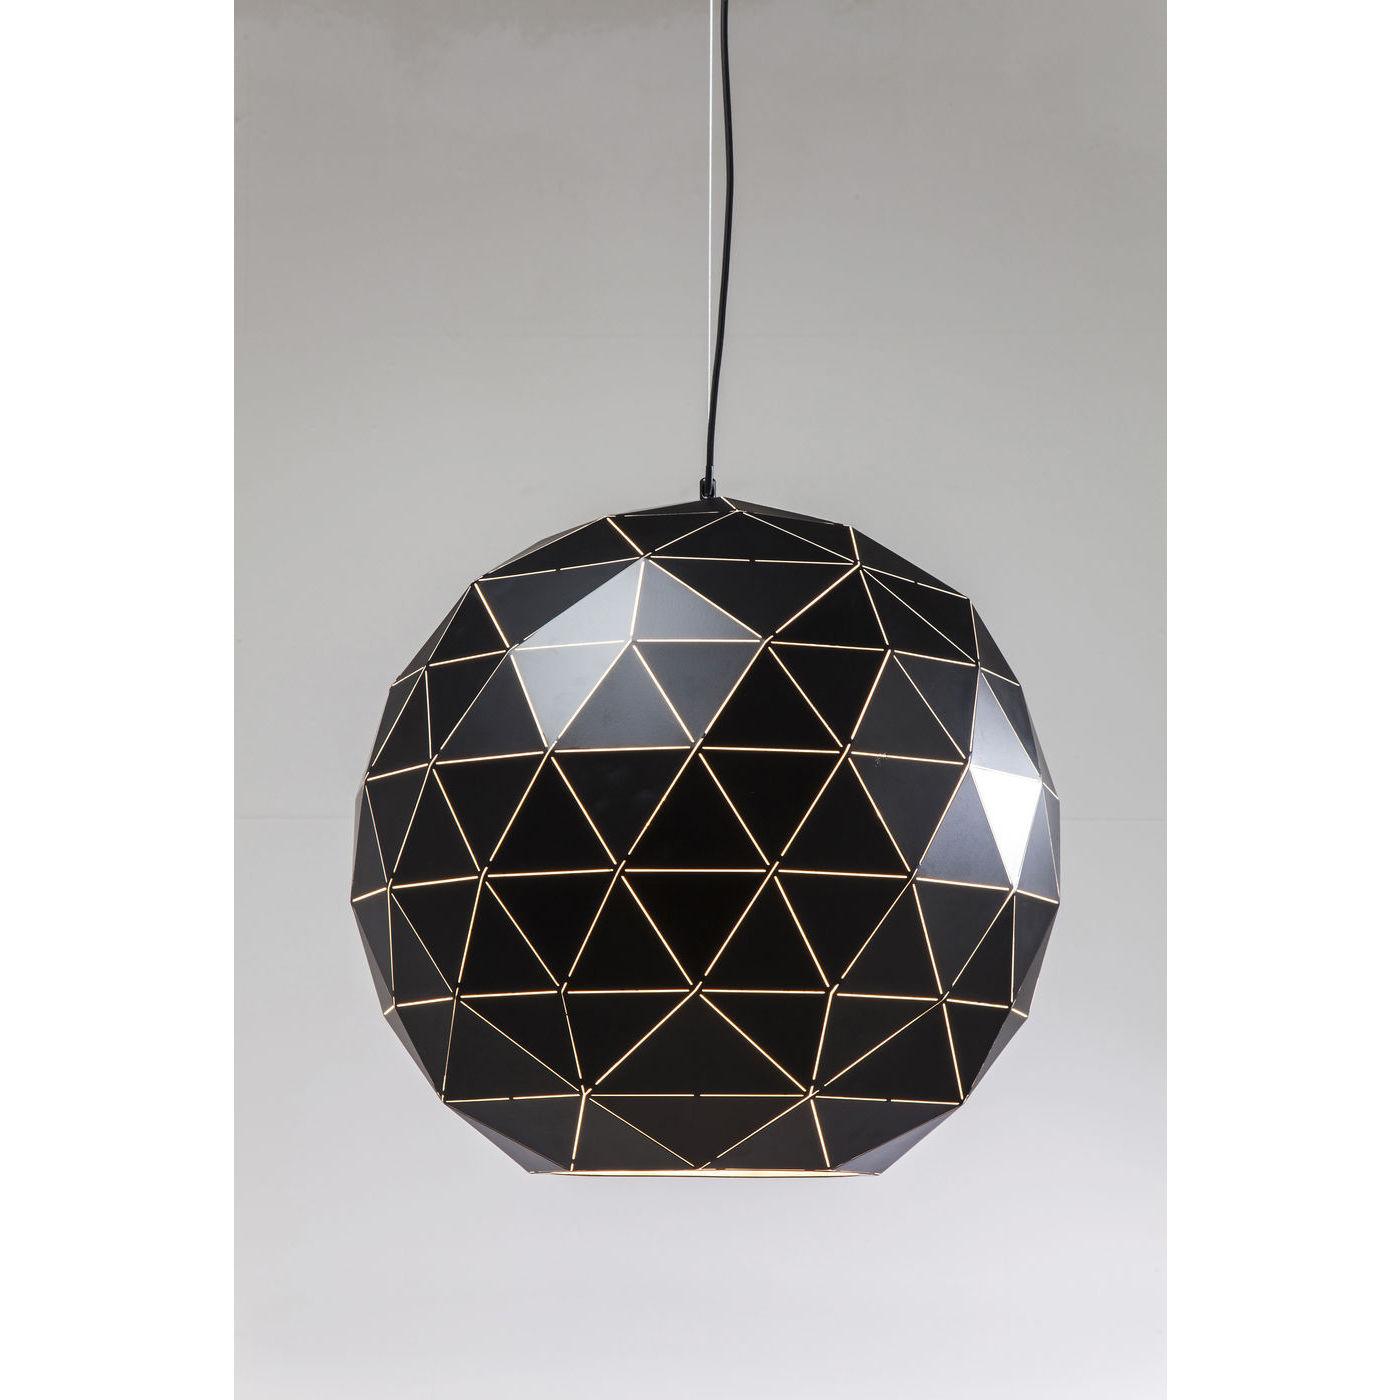 Billede af Kare Design Loftslampe, Triangle Black